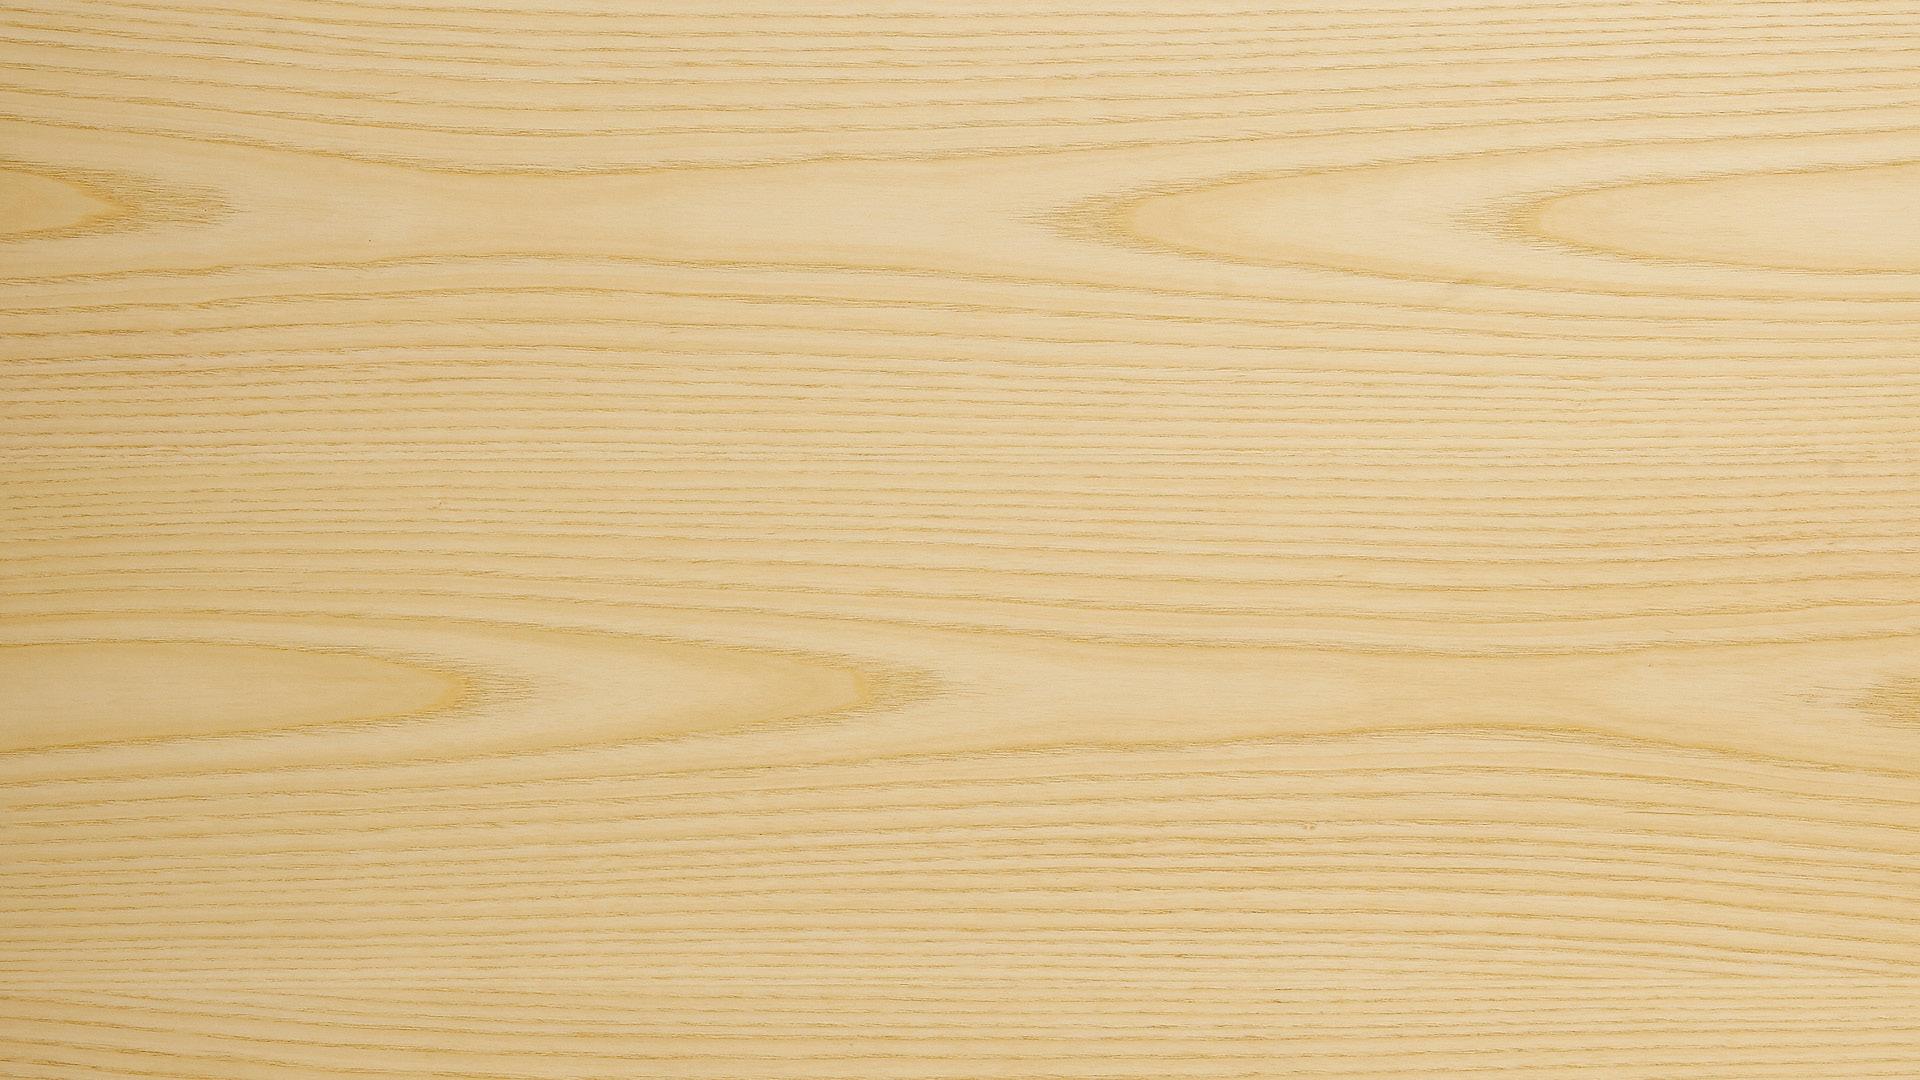 进口白蜡木皮通体包裹,天然木感凹凸可触